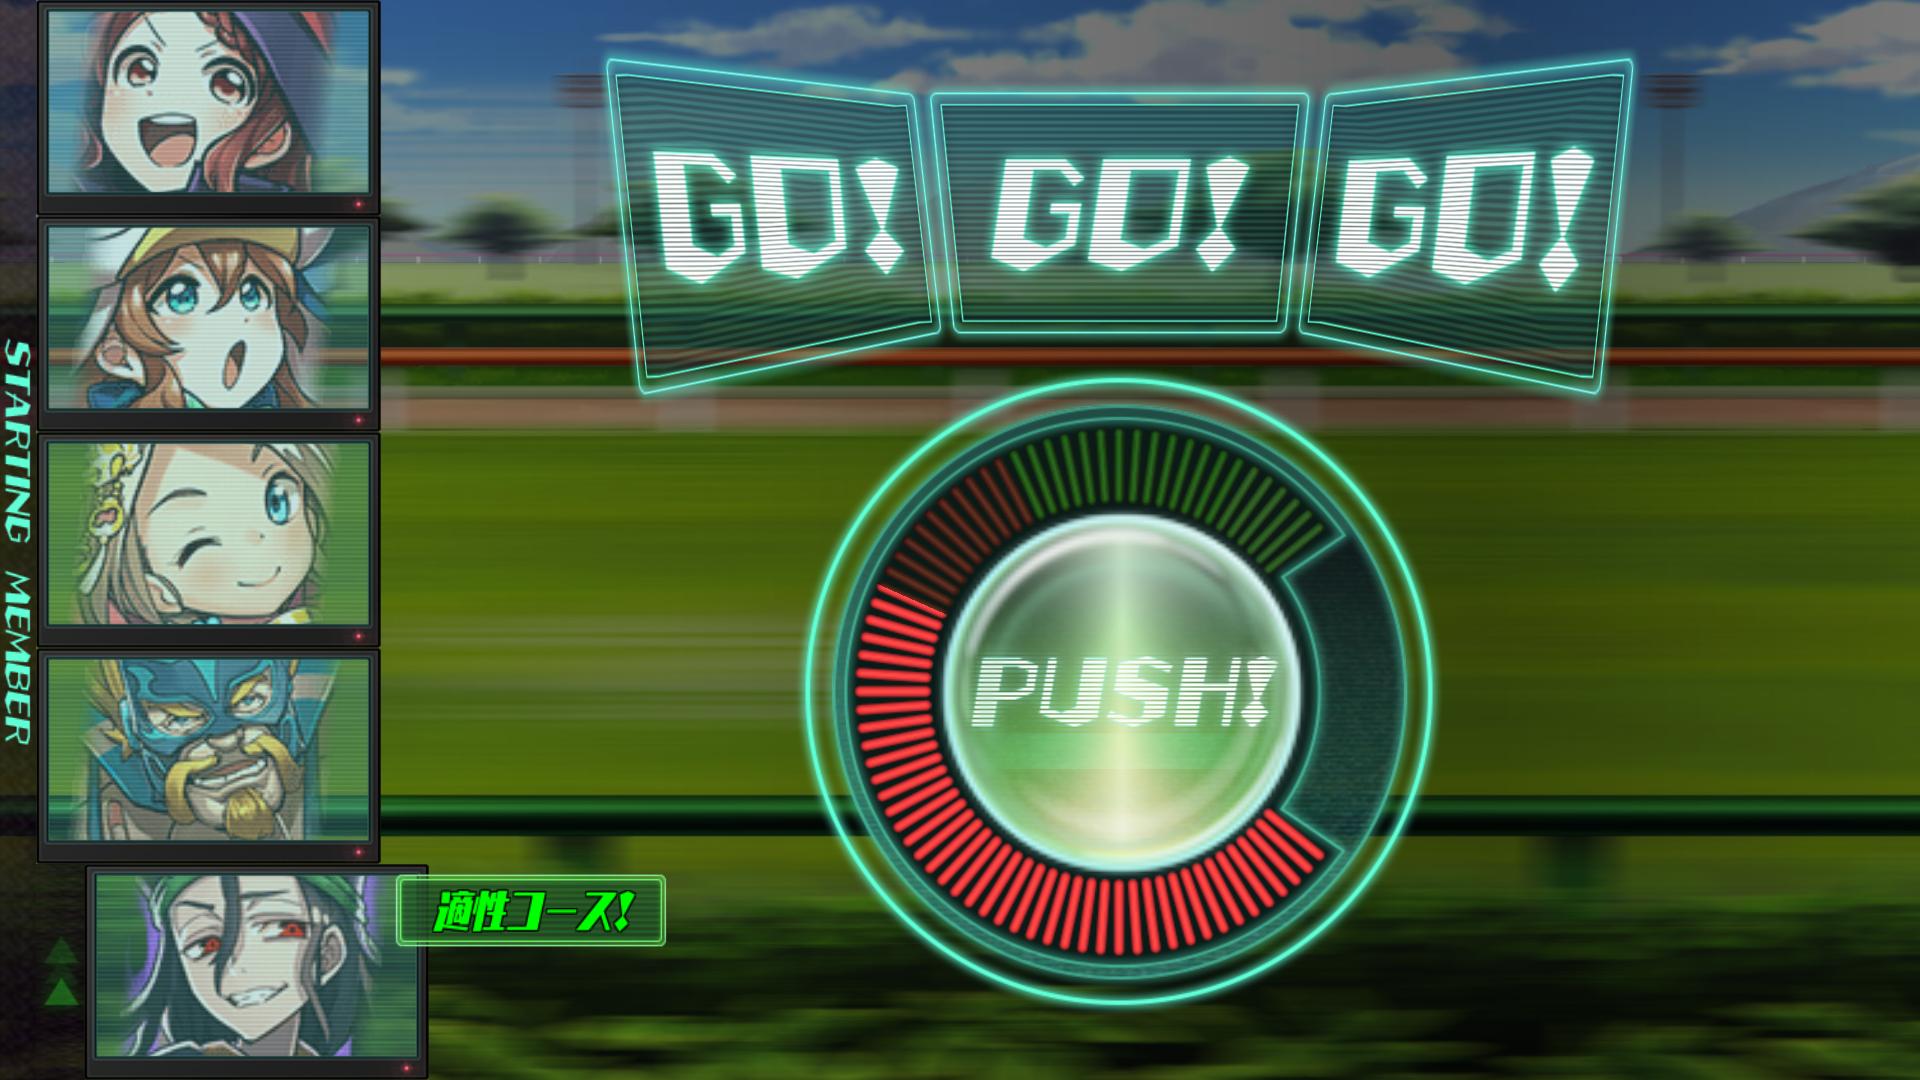 androidアプリ ランガン キャノンボール(ランキャン)攻略スクリーンショット2